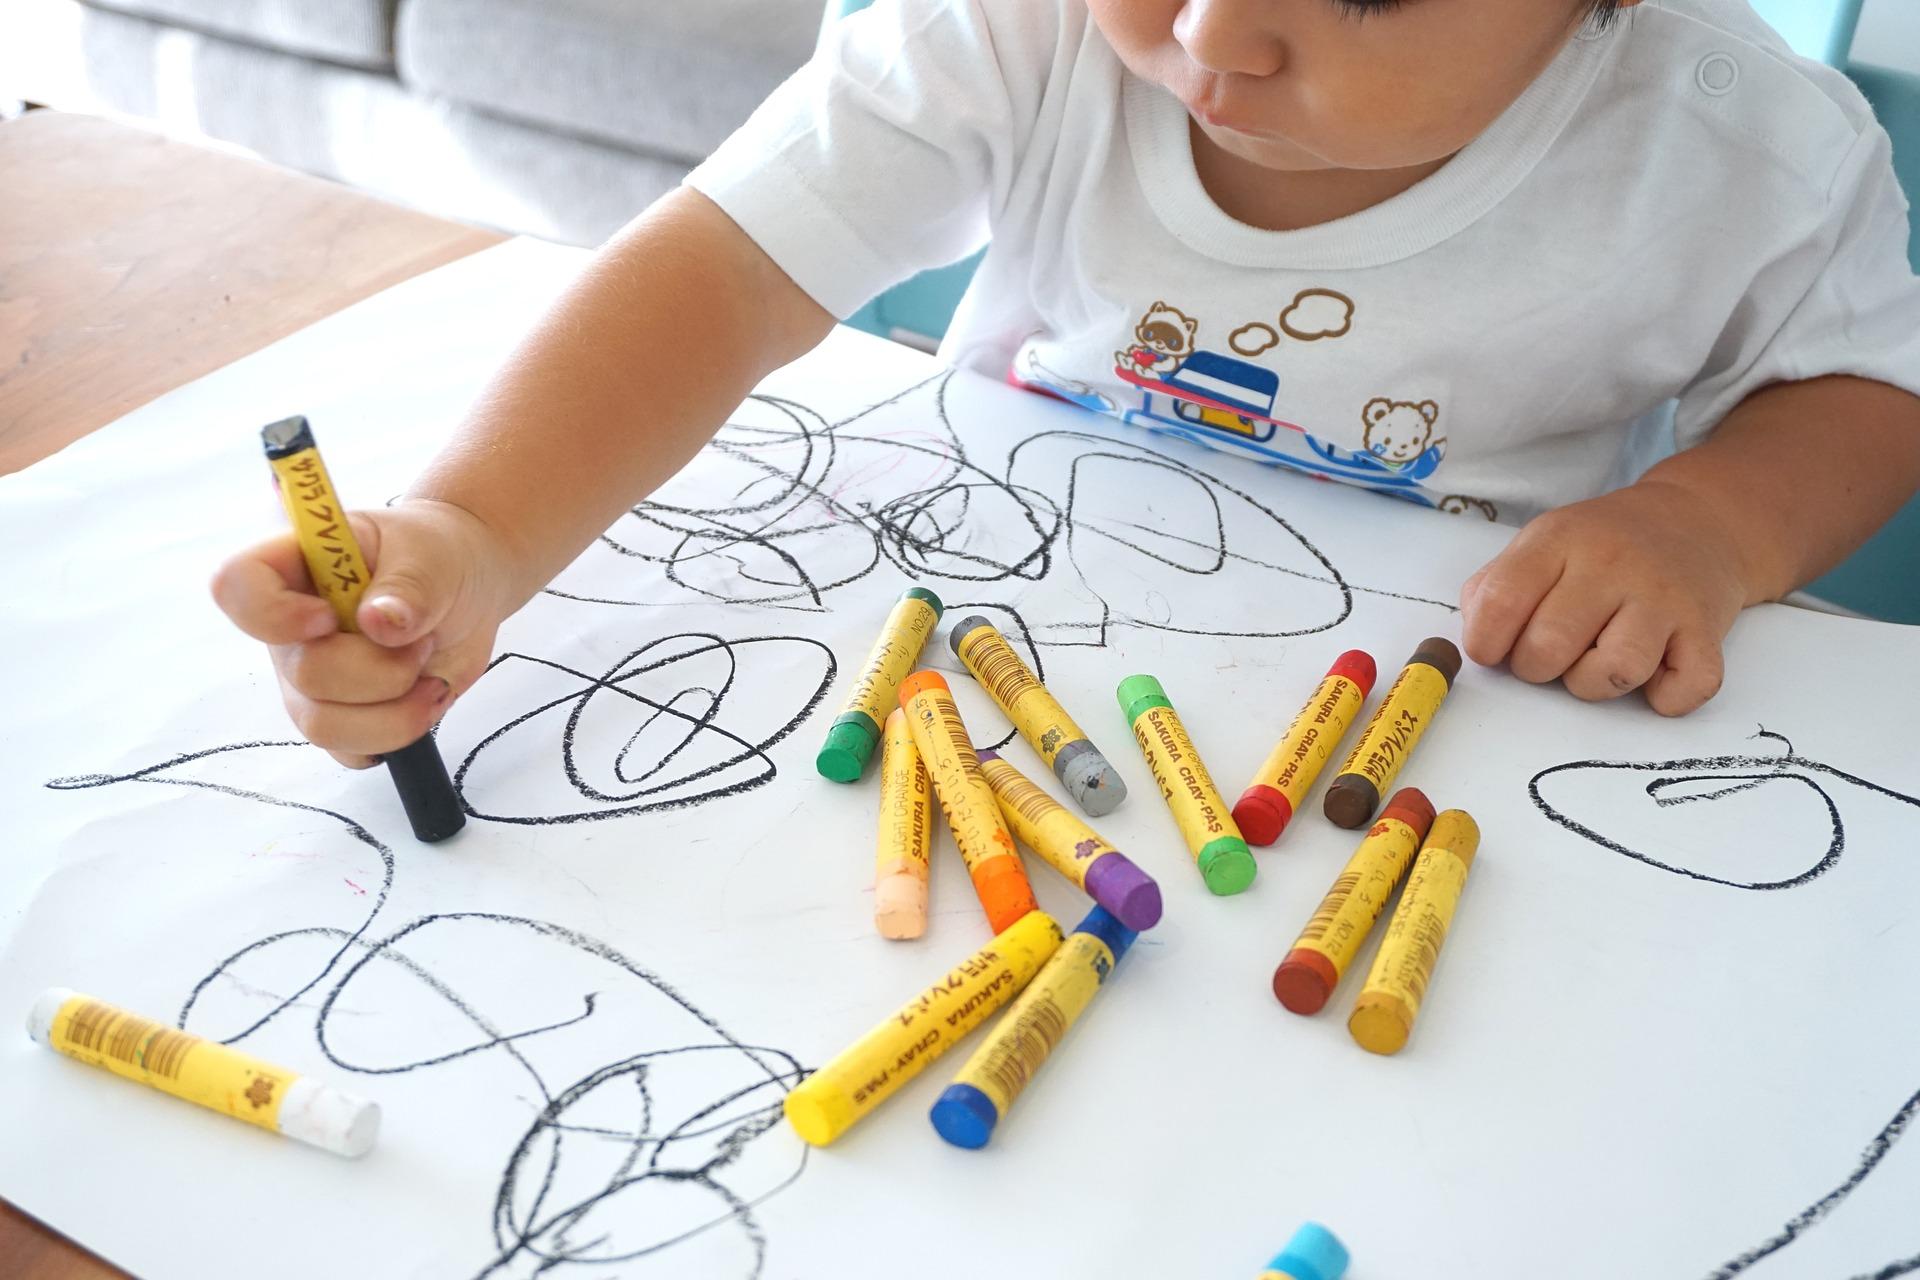 Initiation à l'art chez les enfants